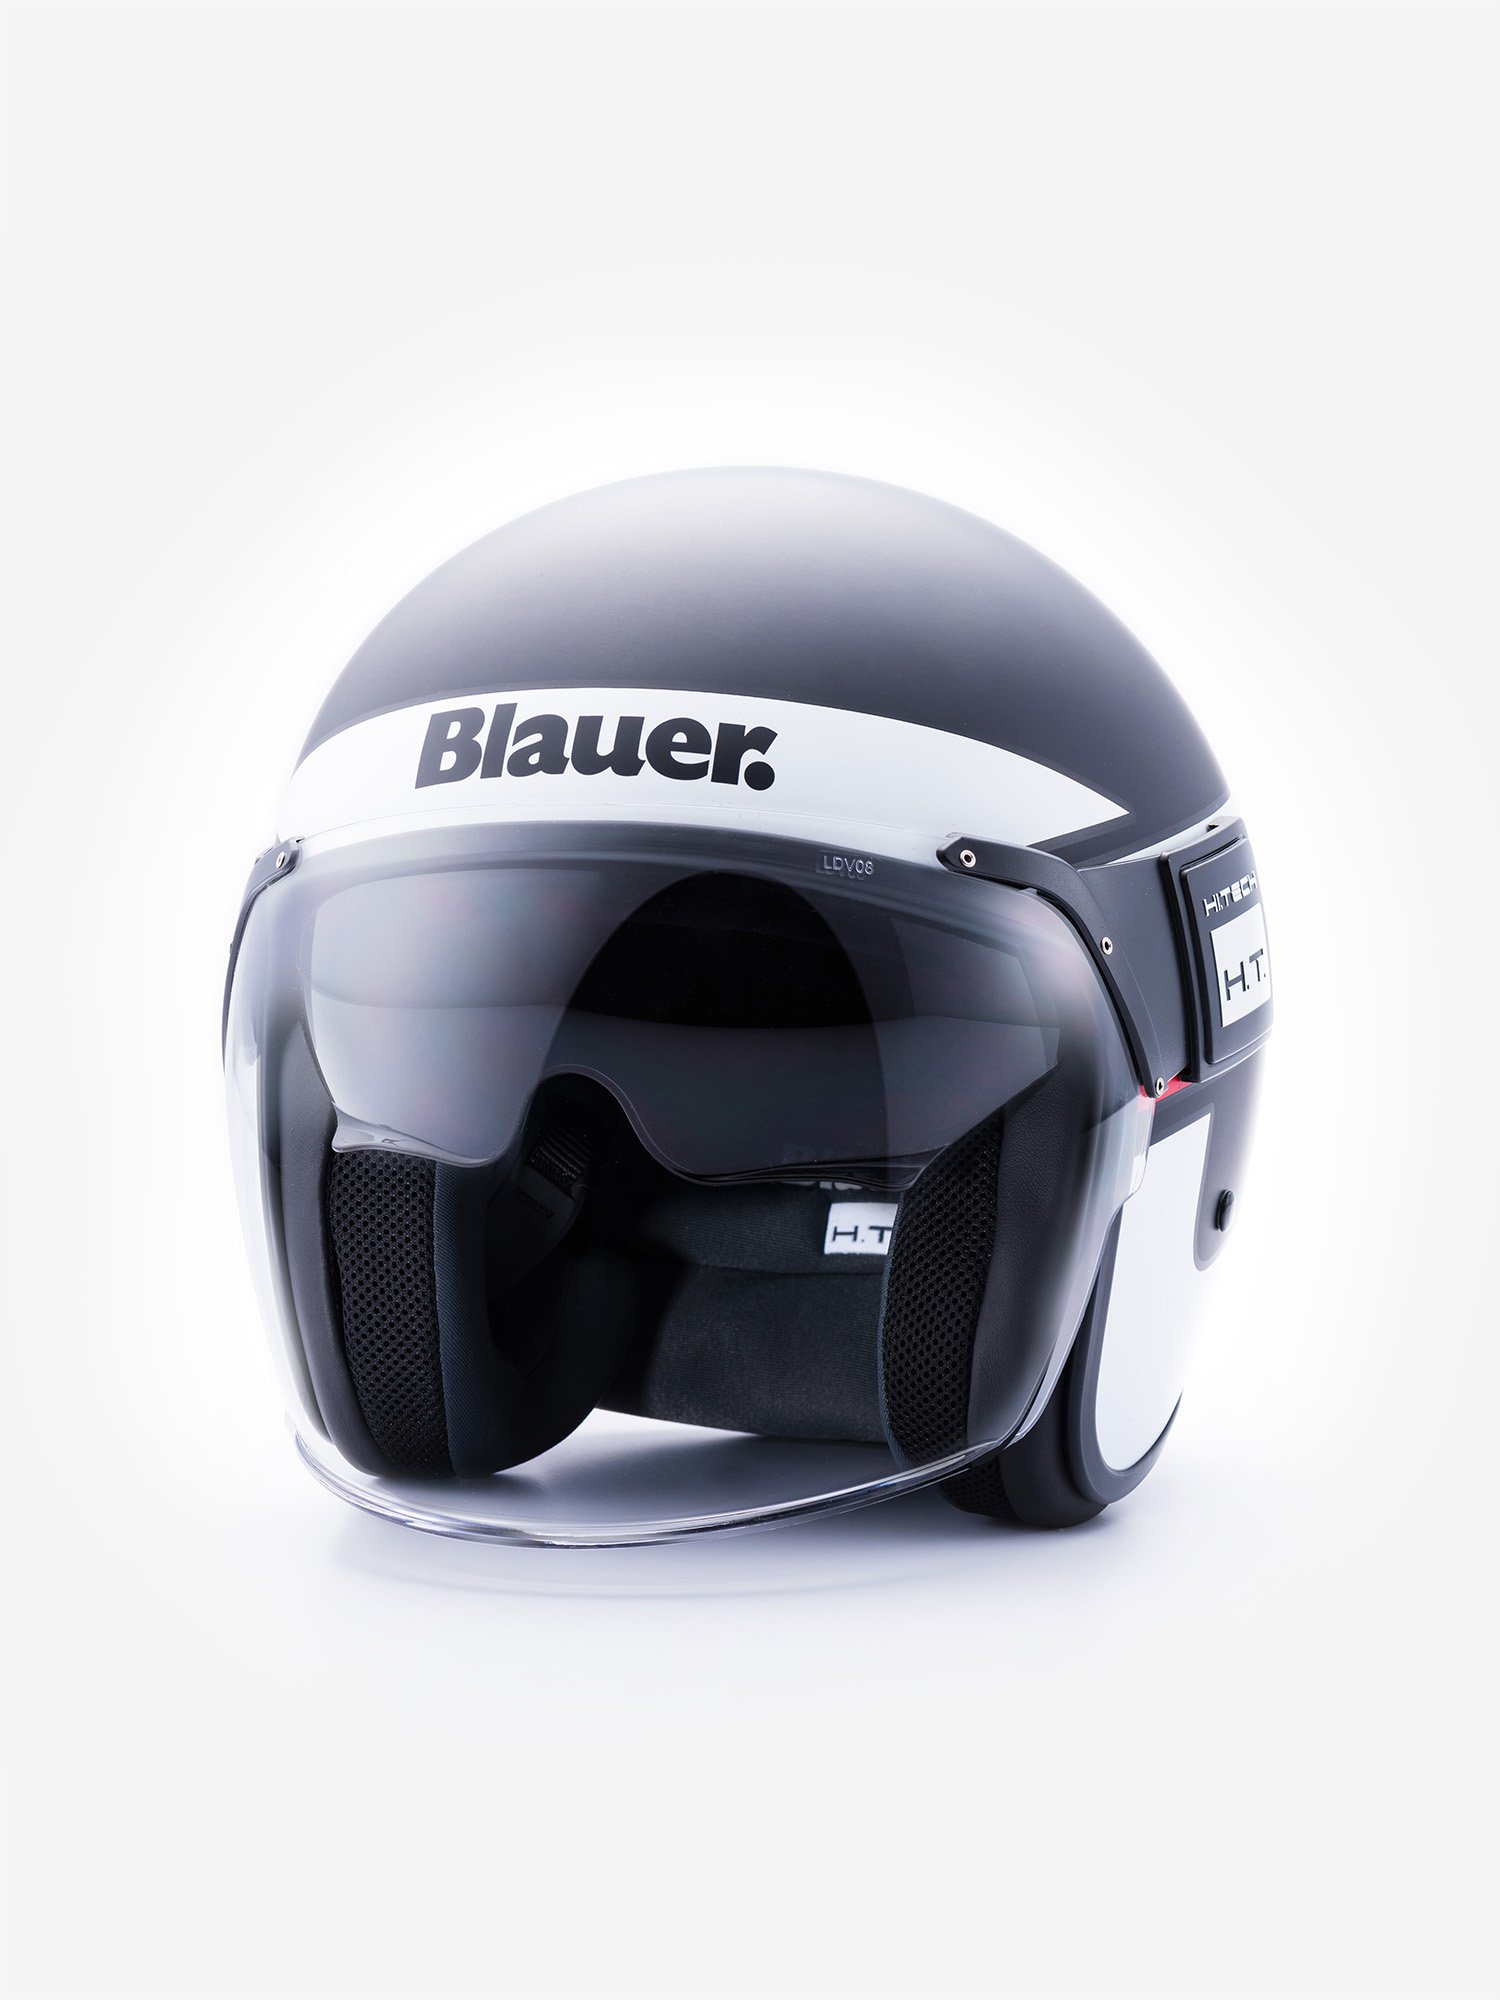 Blauer - POD STRIPES DOPPIA VISIERA - Black Matt / Red - Blauer